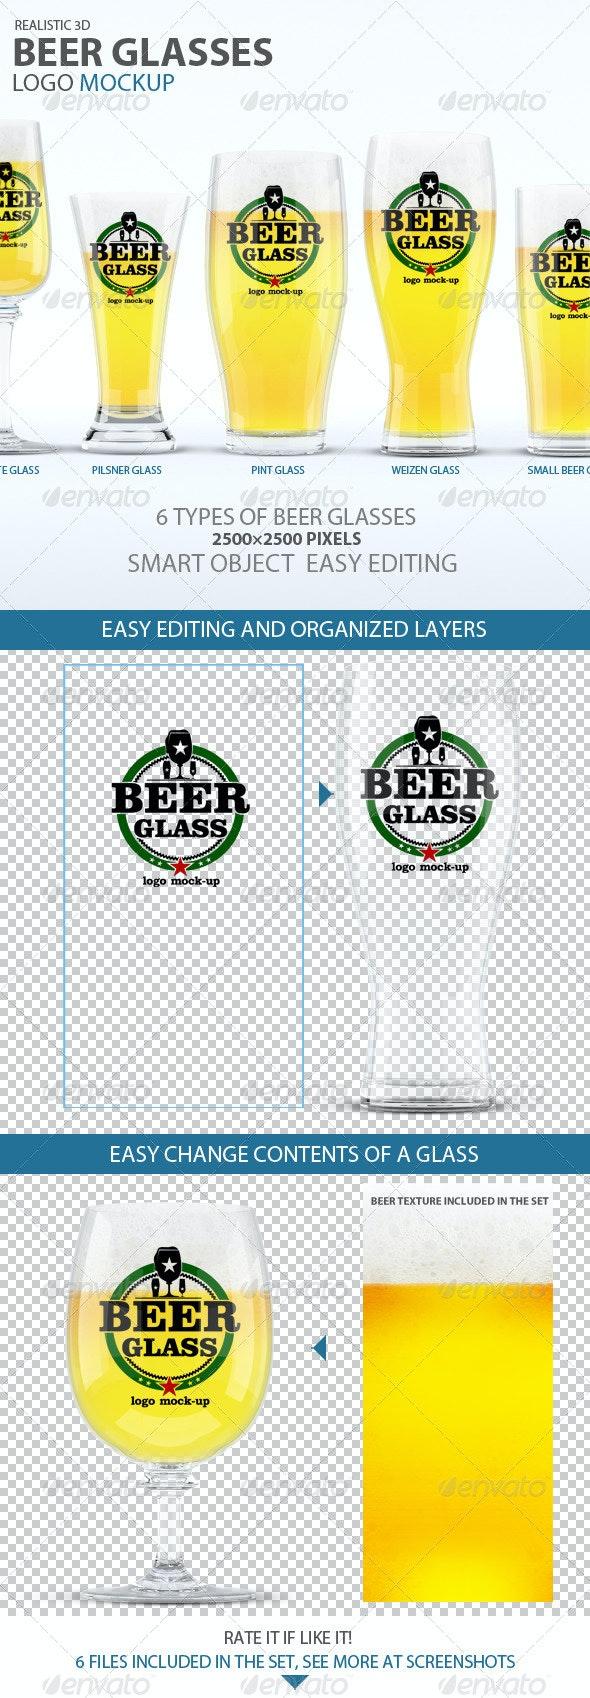 Beer Glasses Logo Mockup - Food and Drink Packaging